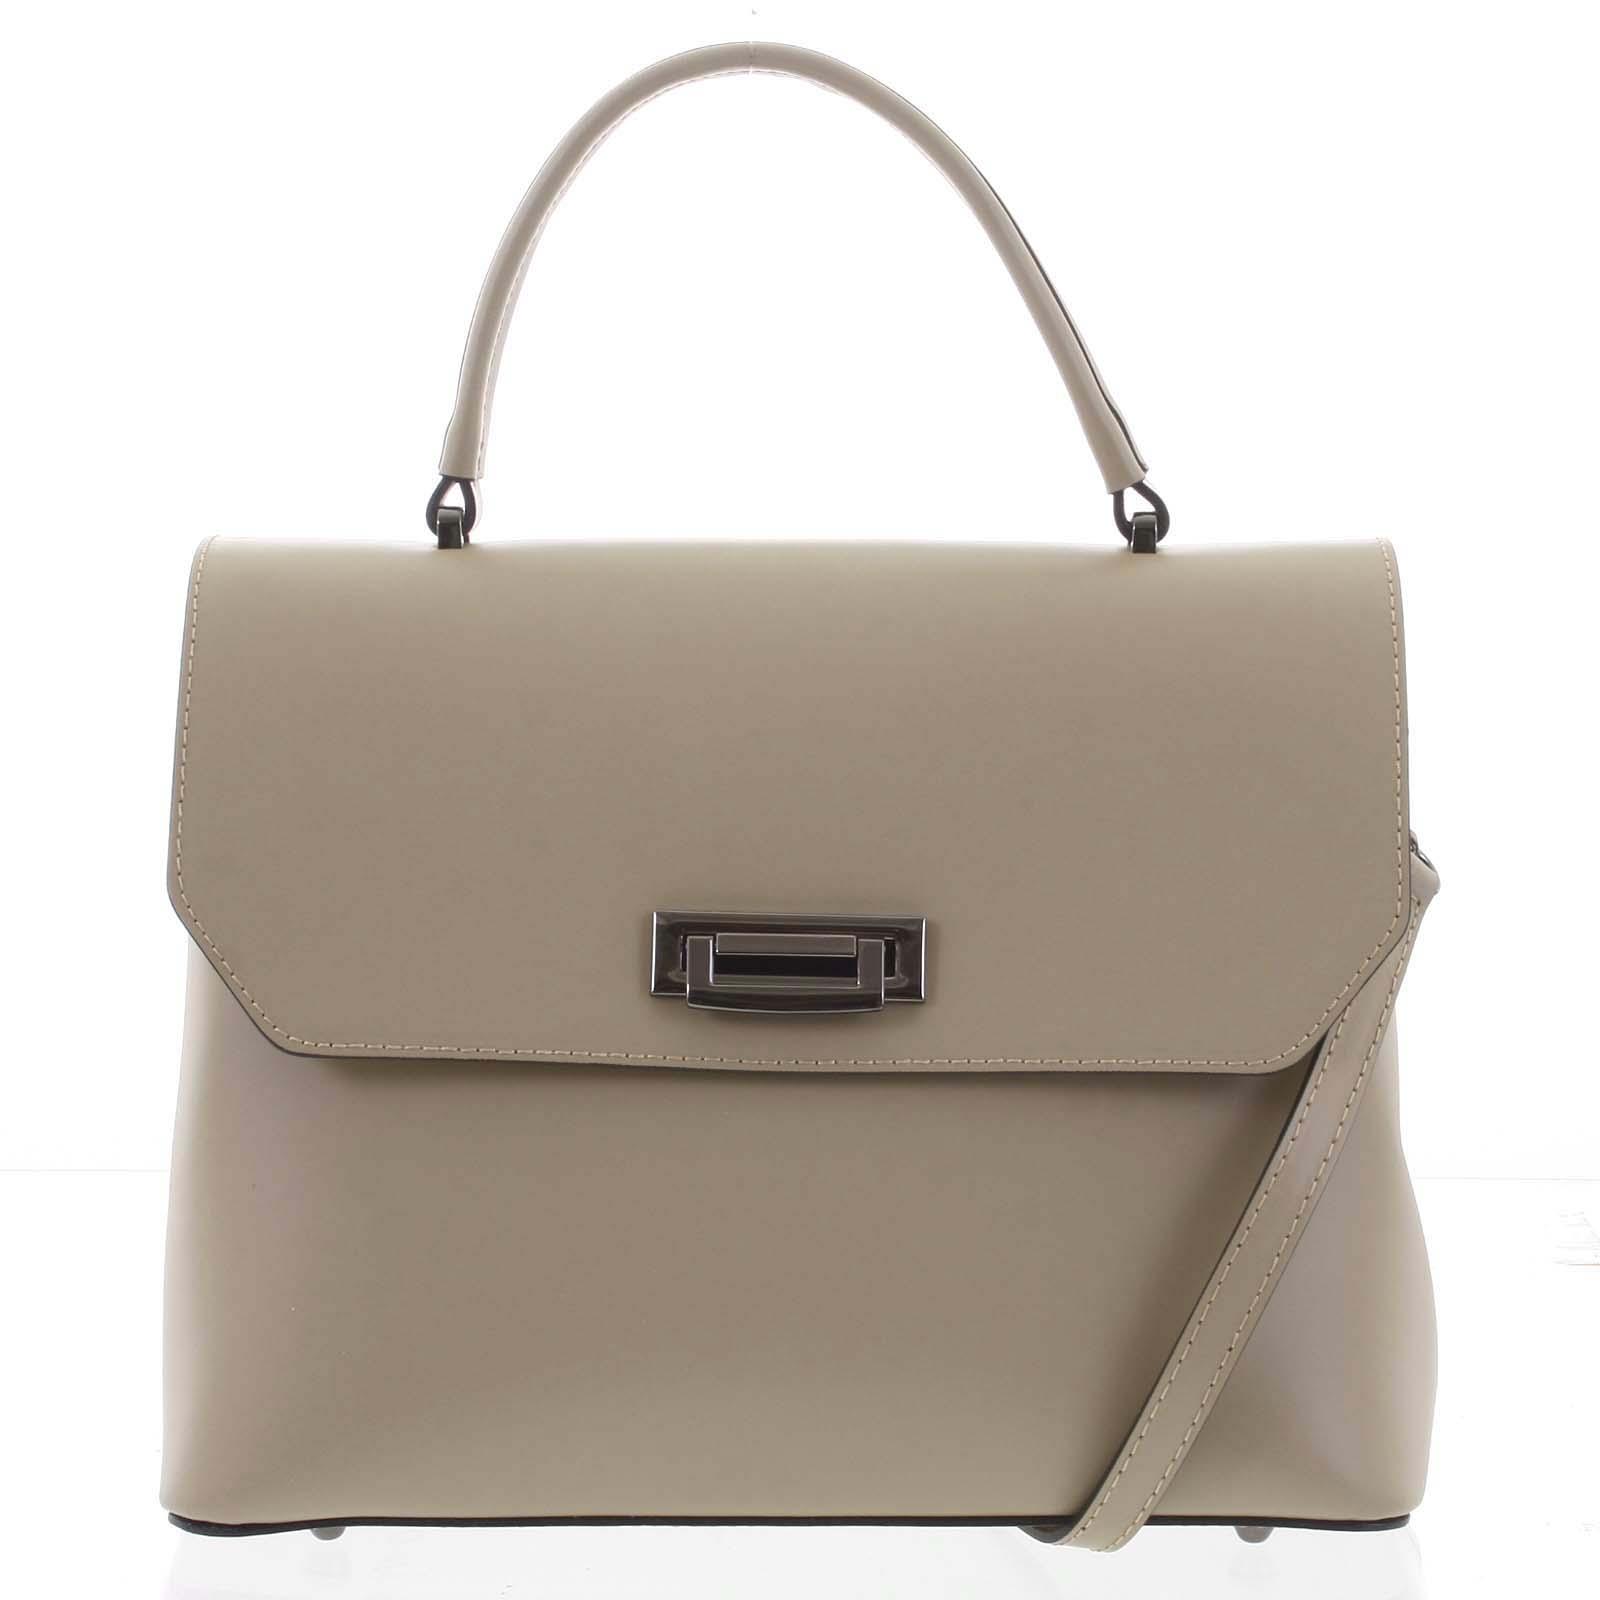 Originální hladká taupe dámská kabelka do ruky - ItalY Neolila